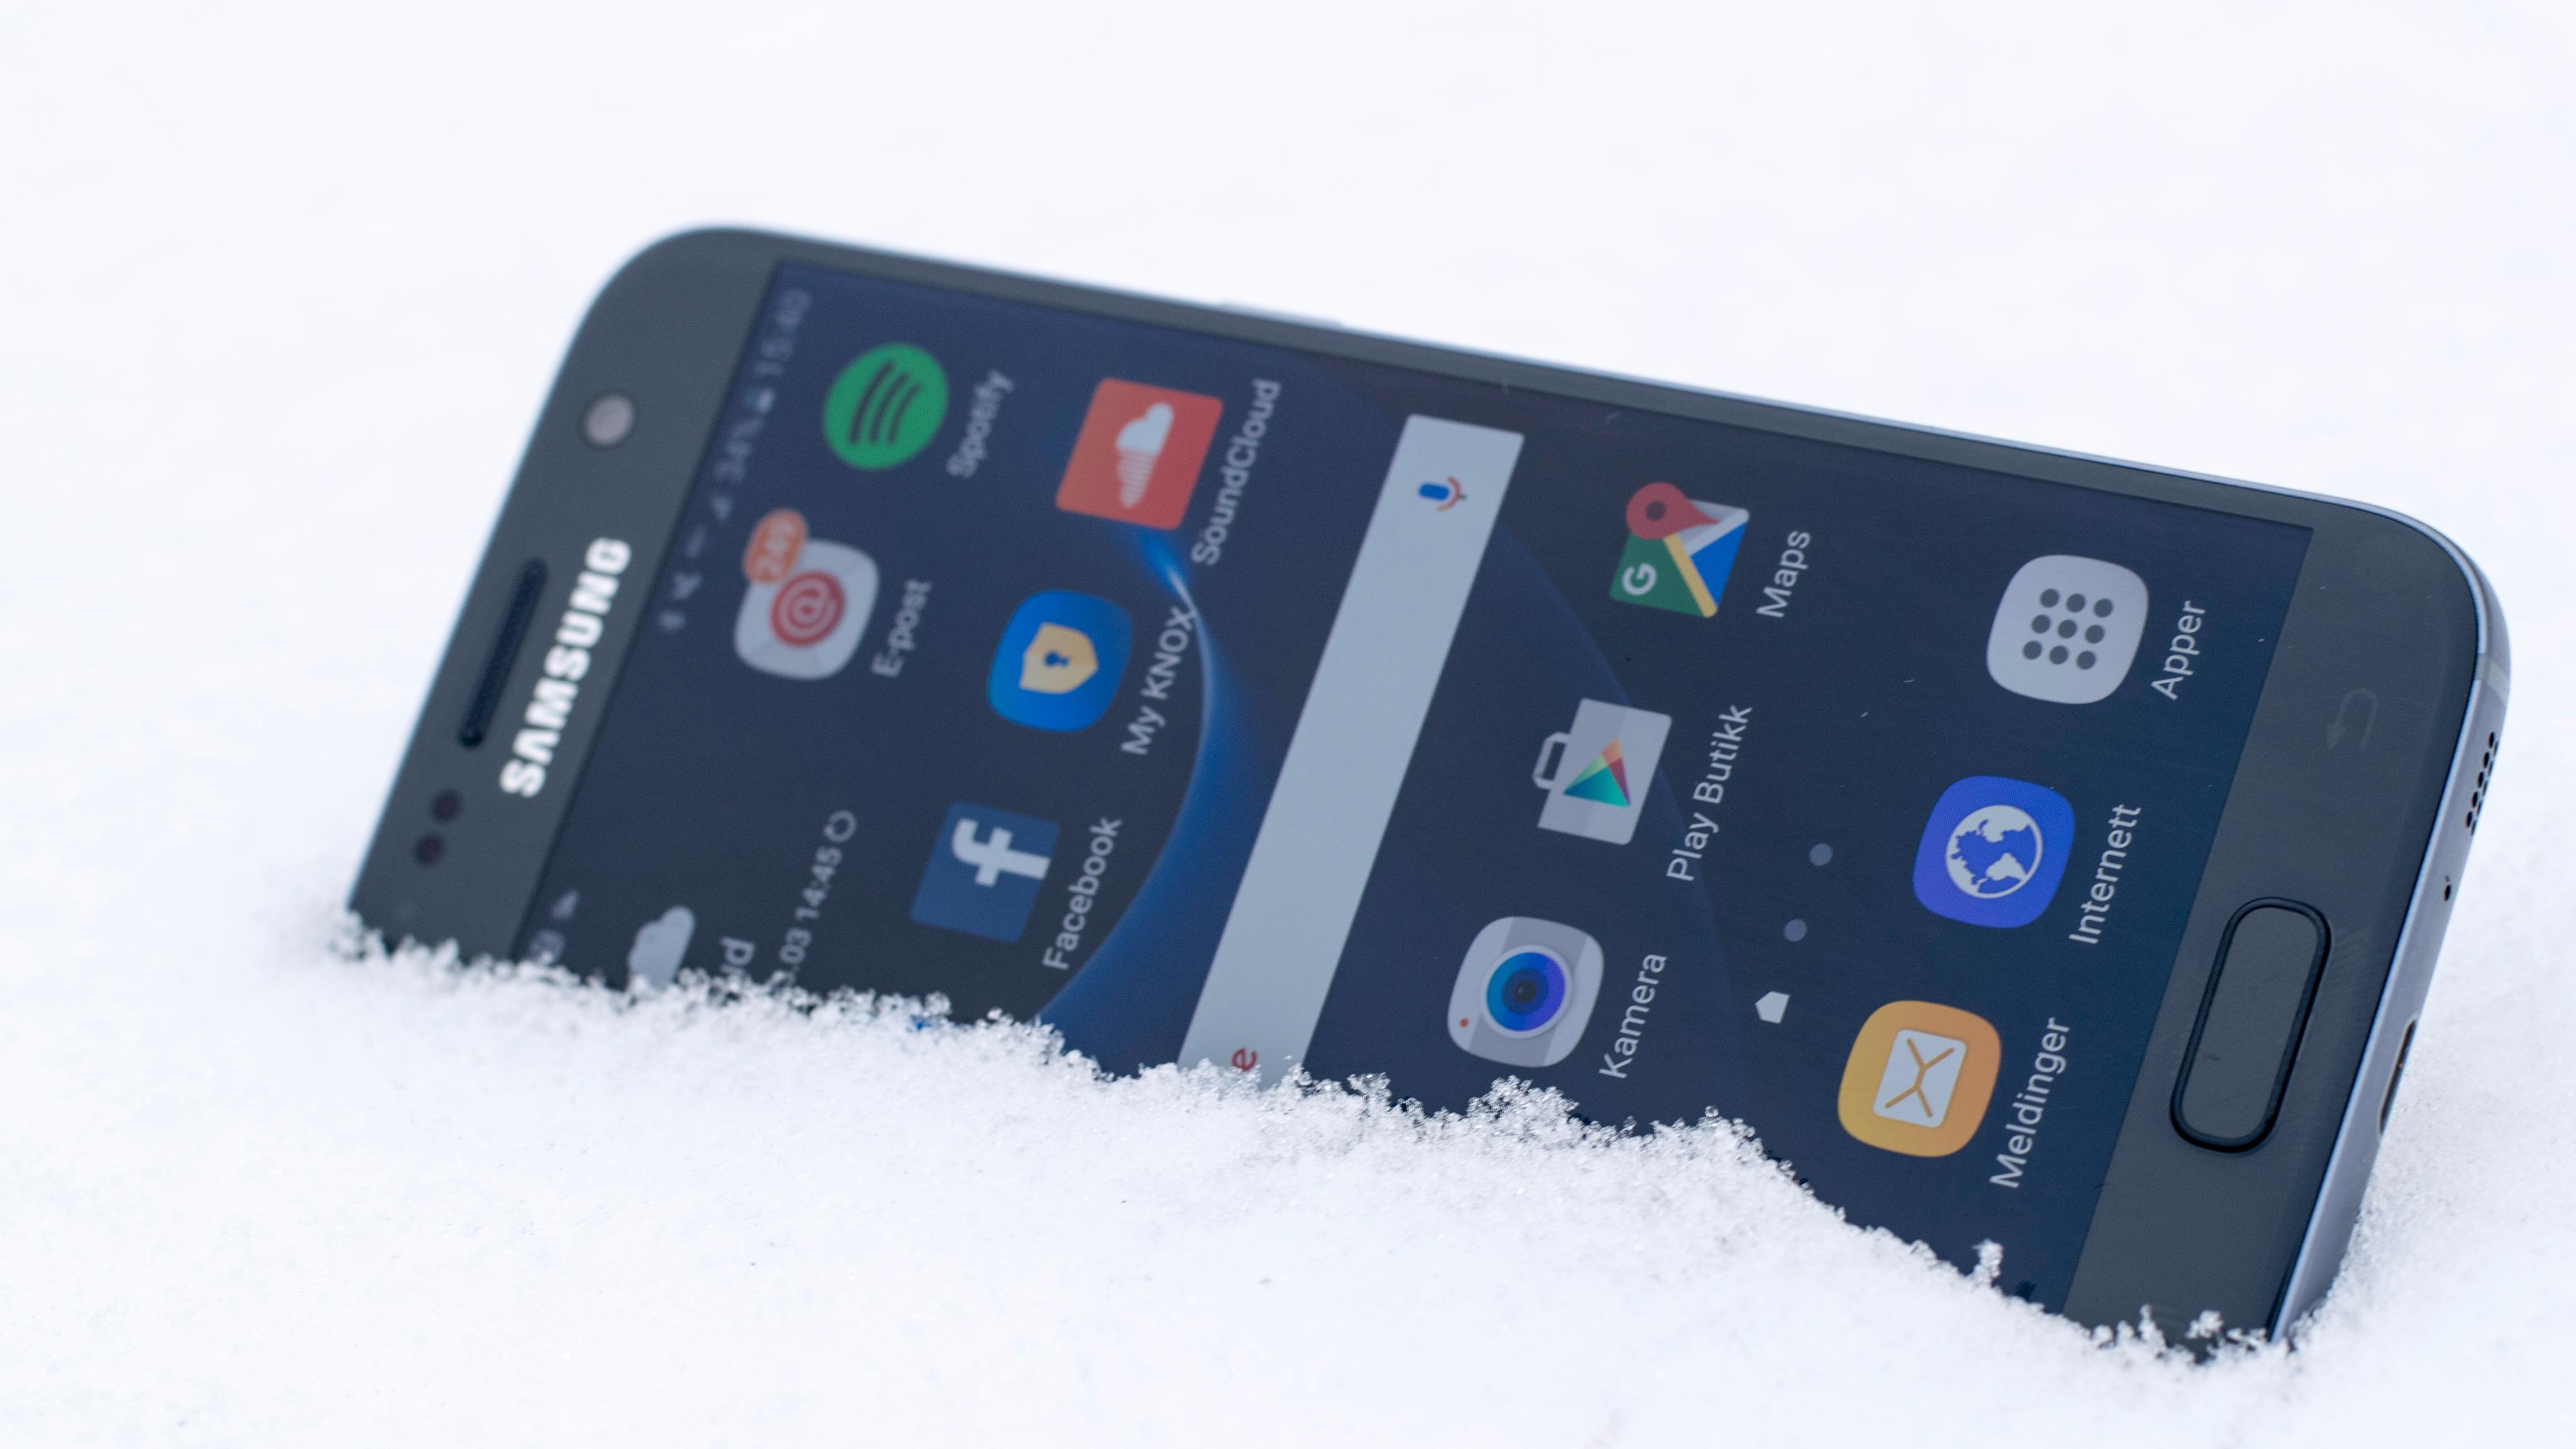 Galaxy S7-eiere må smøre seg med tålmodighet – Nougat-oppdateringen er utsatt